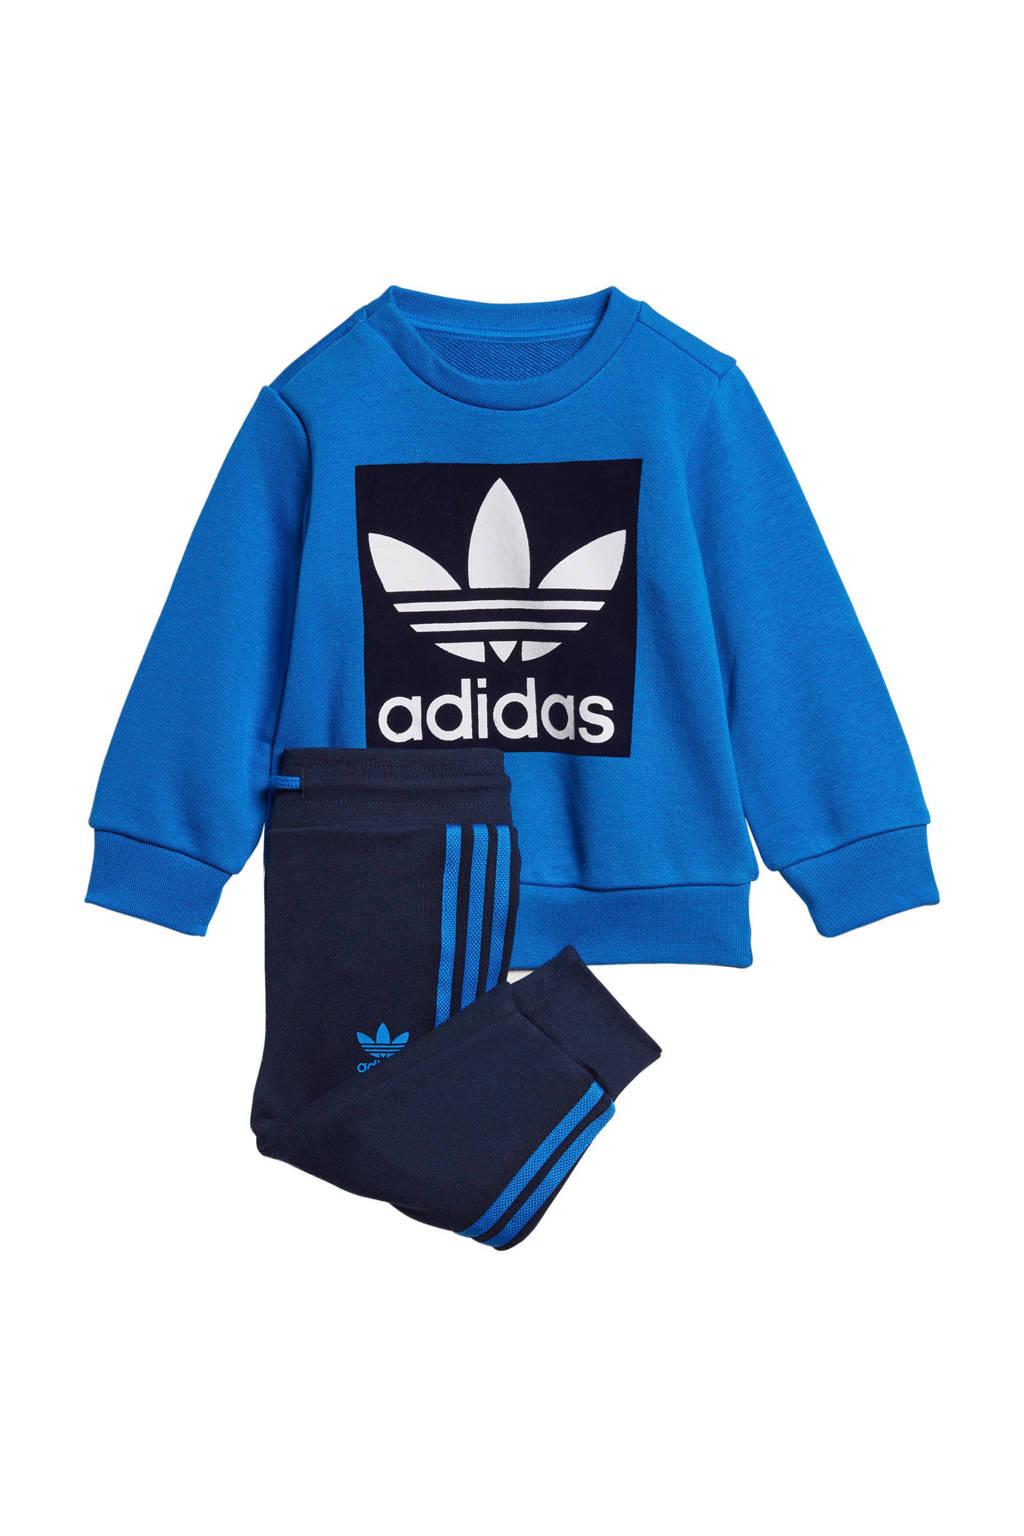 adidas Originals   joggingpak blauw/donkerblauw, Donkerblauw/blauw/wit